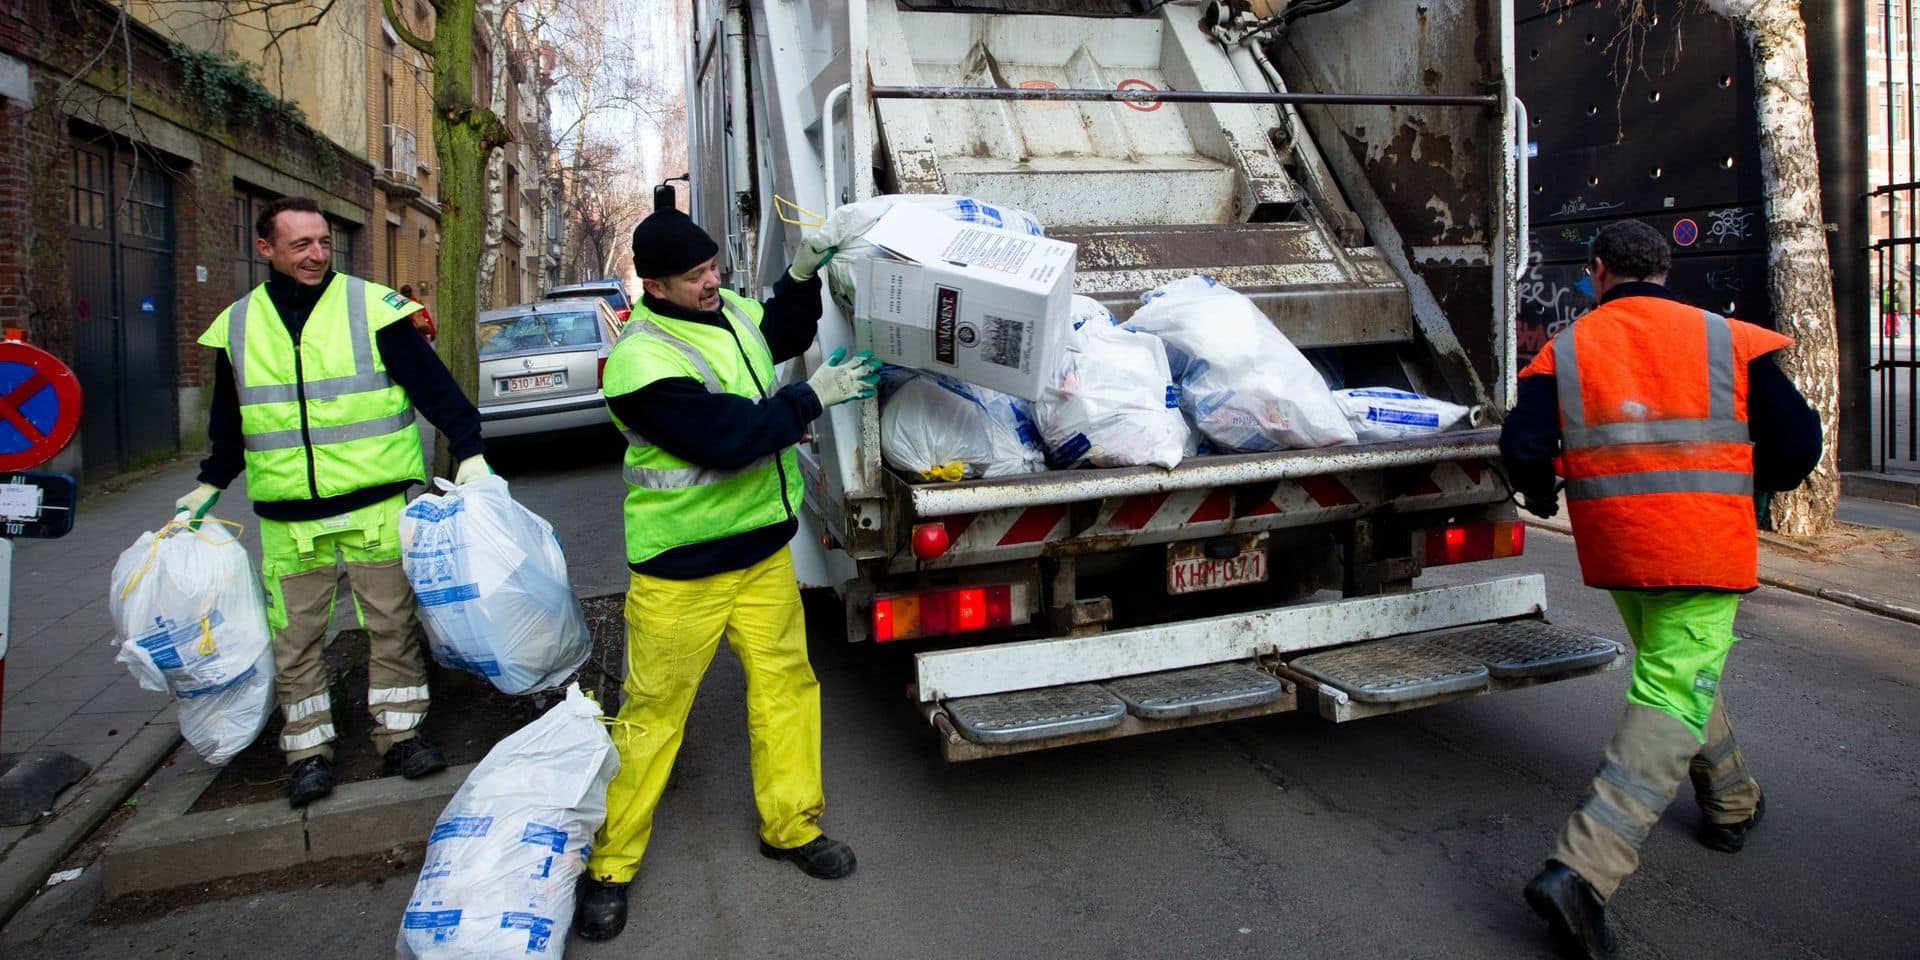 Grève à Bruxelles-Propreté : de 2 à 80% des sacs non collectés selon les communes